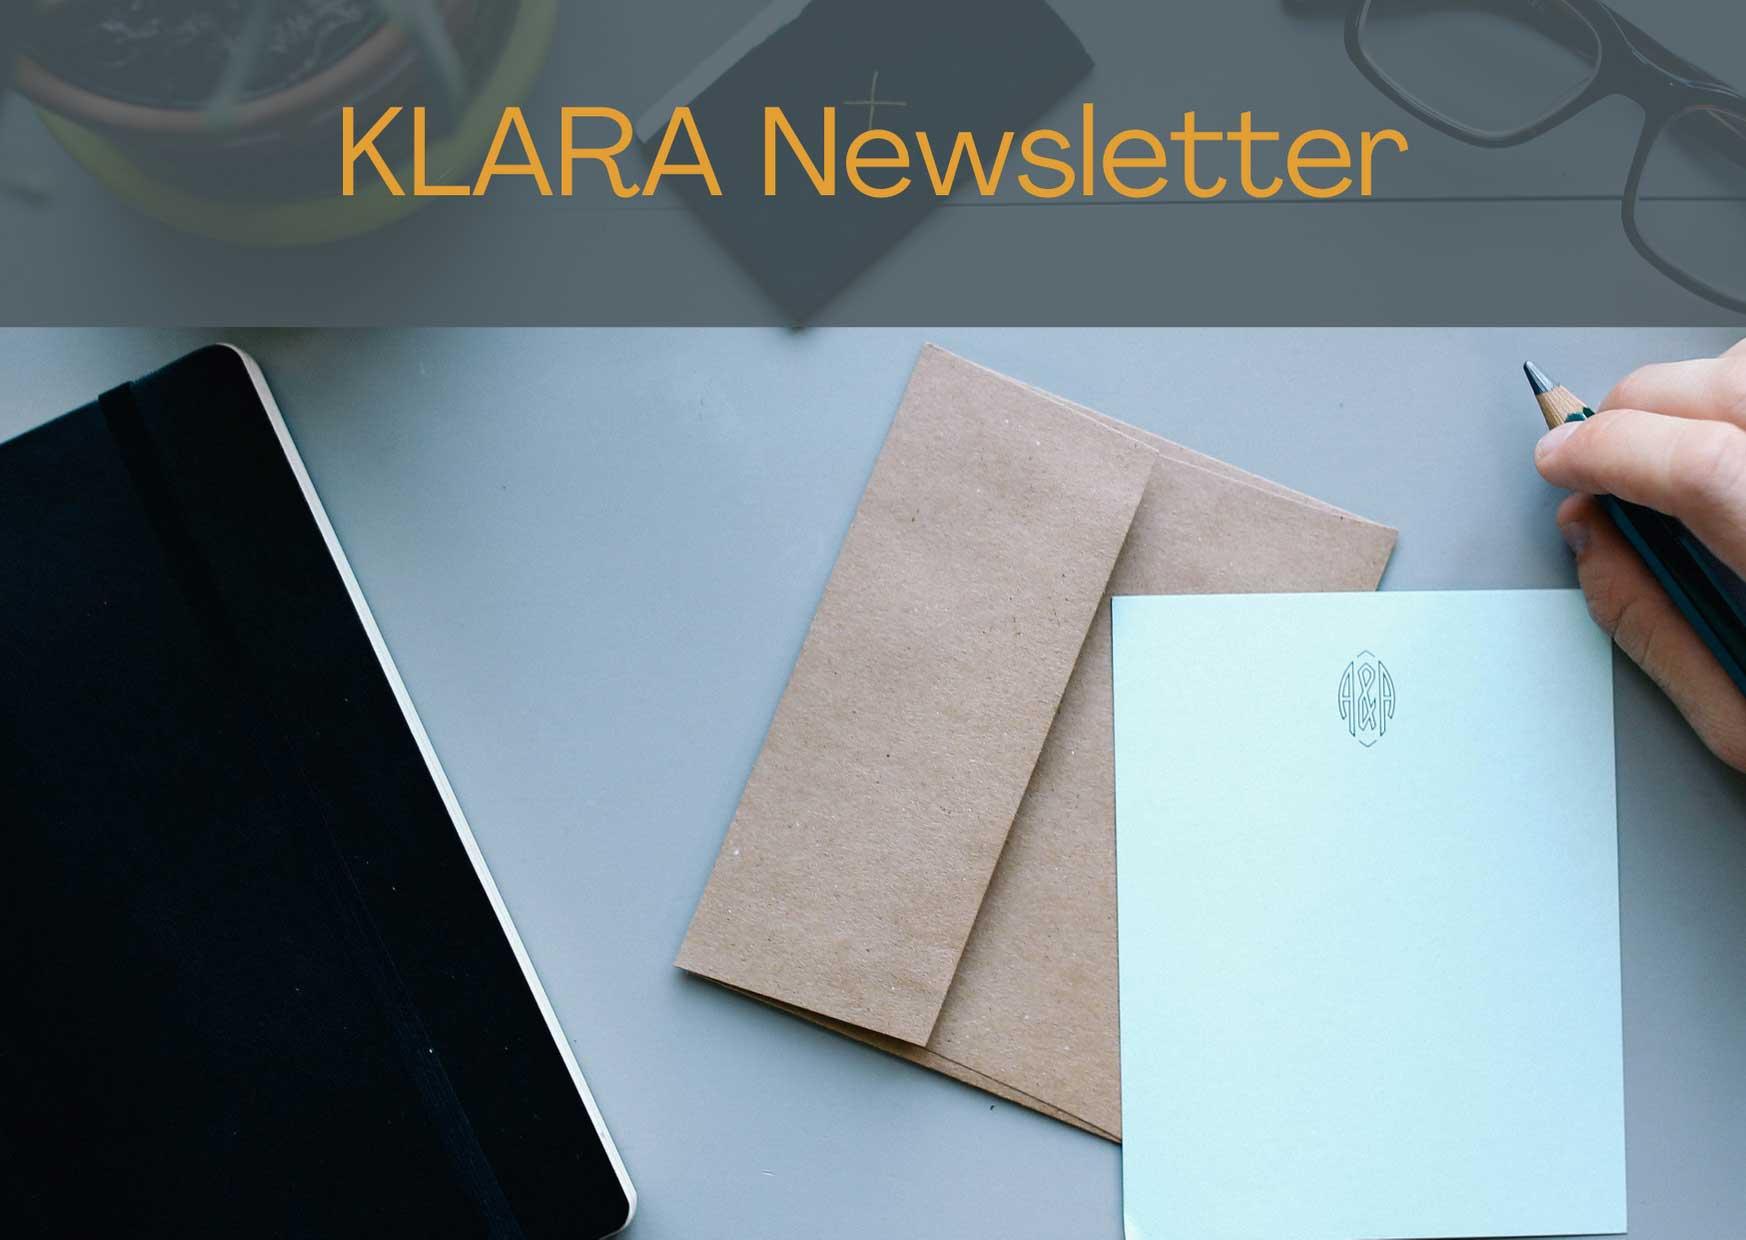 Newsletter_Produktbild